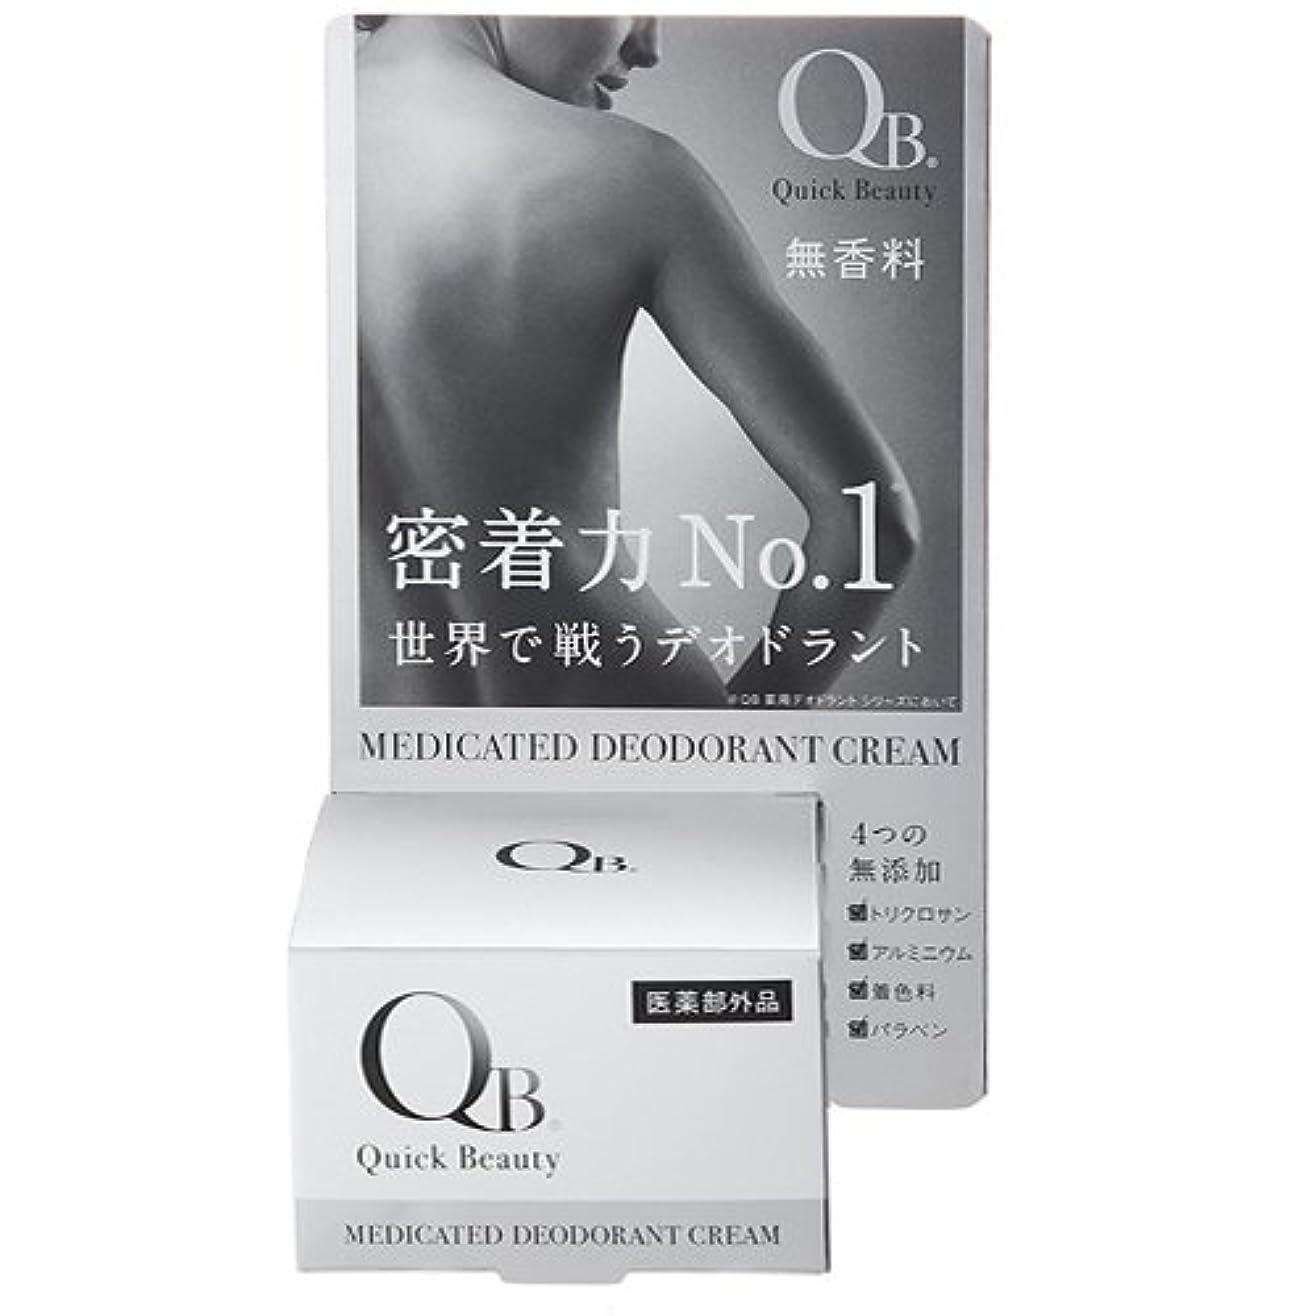 メキシコ軸南極3個セット まとめ買い QB 薬用デオドラントクリーム W 30g 医薬部外品